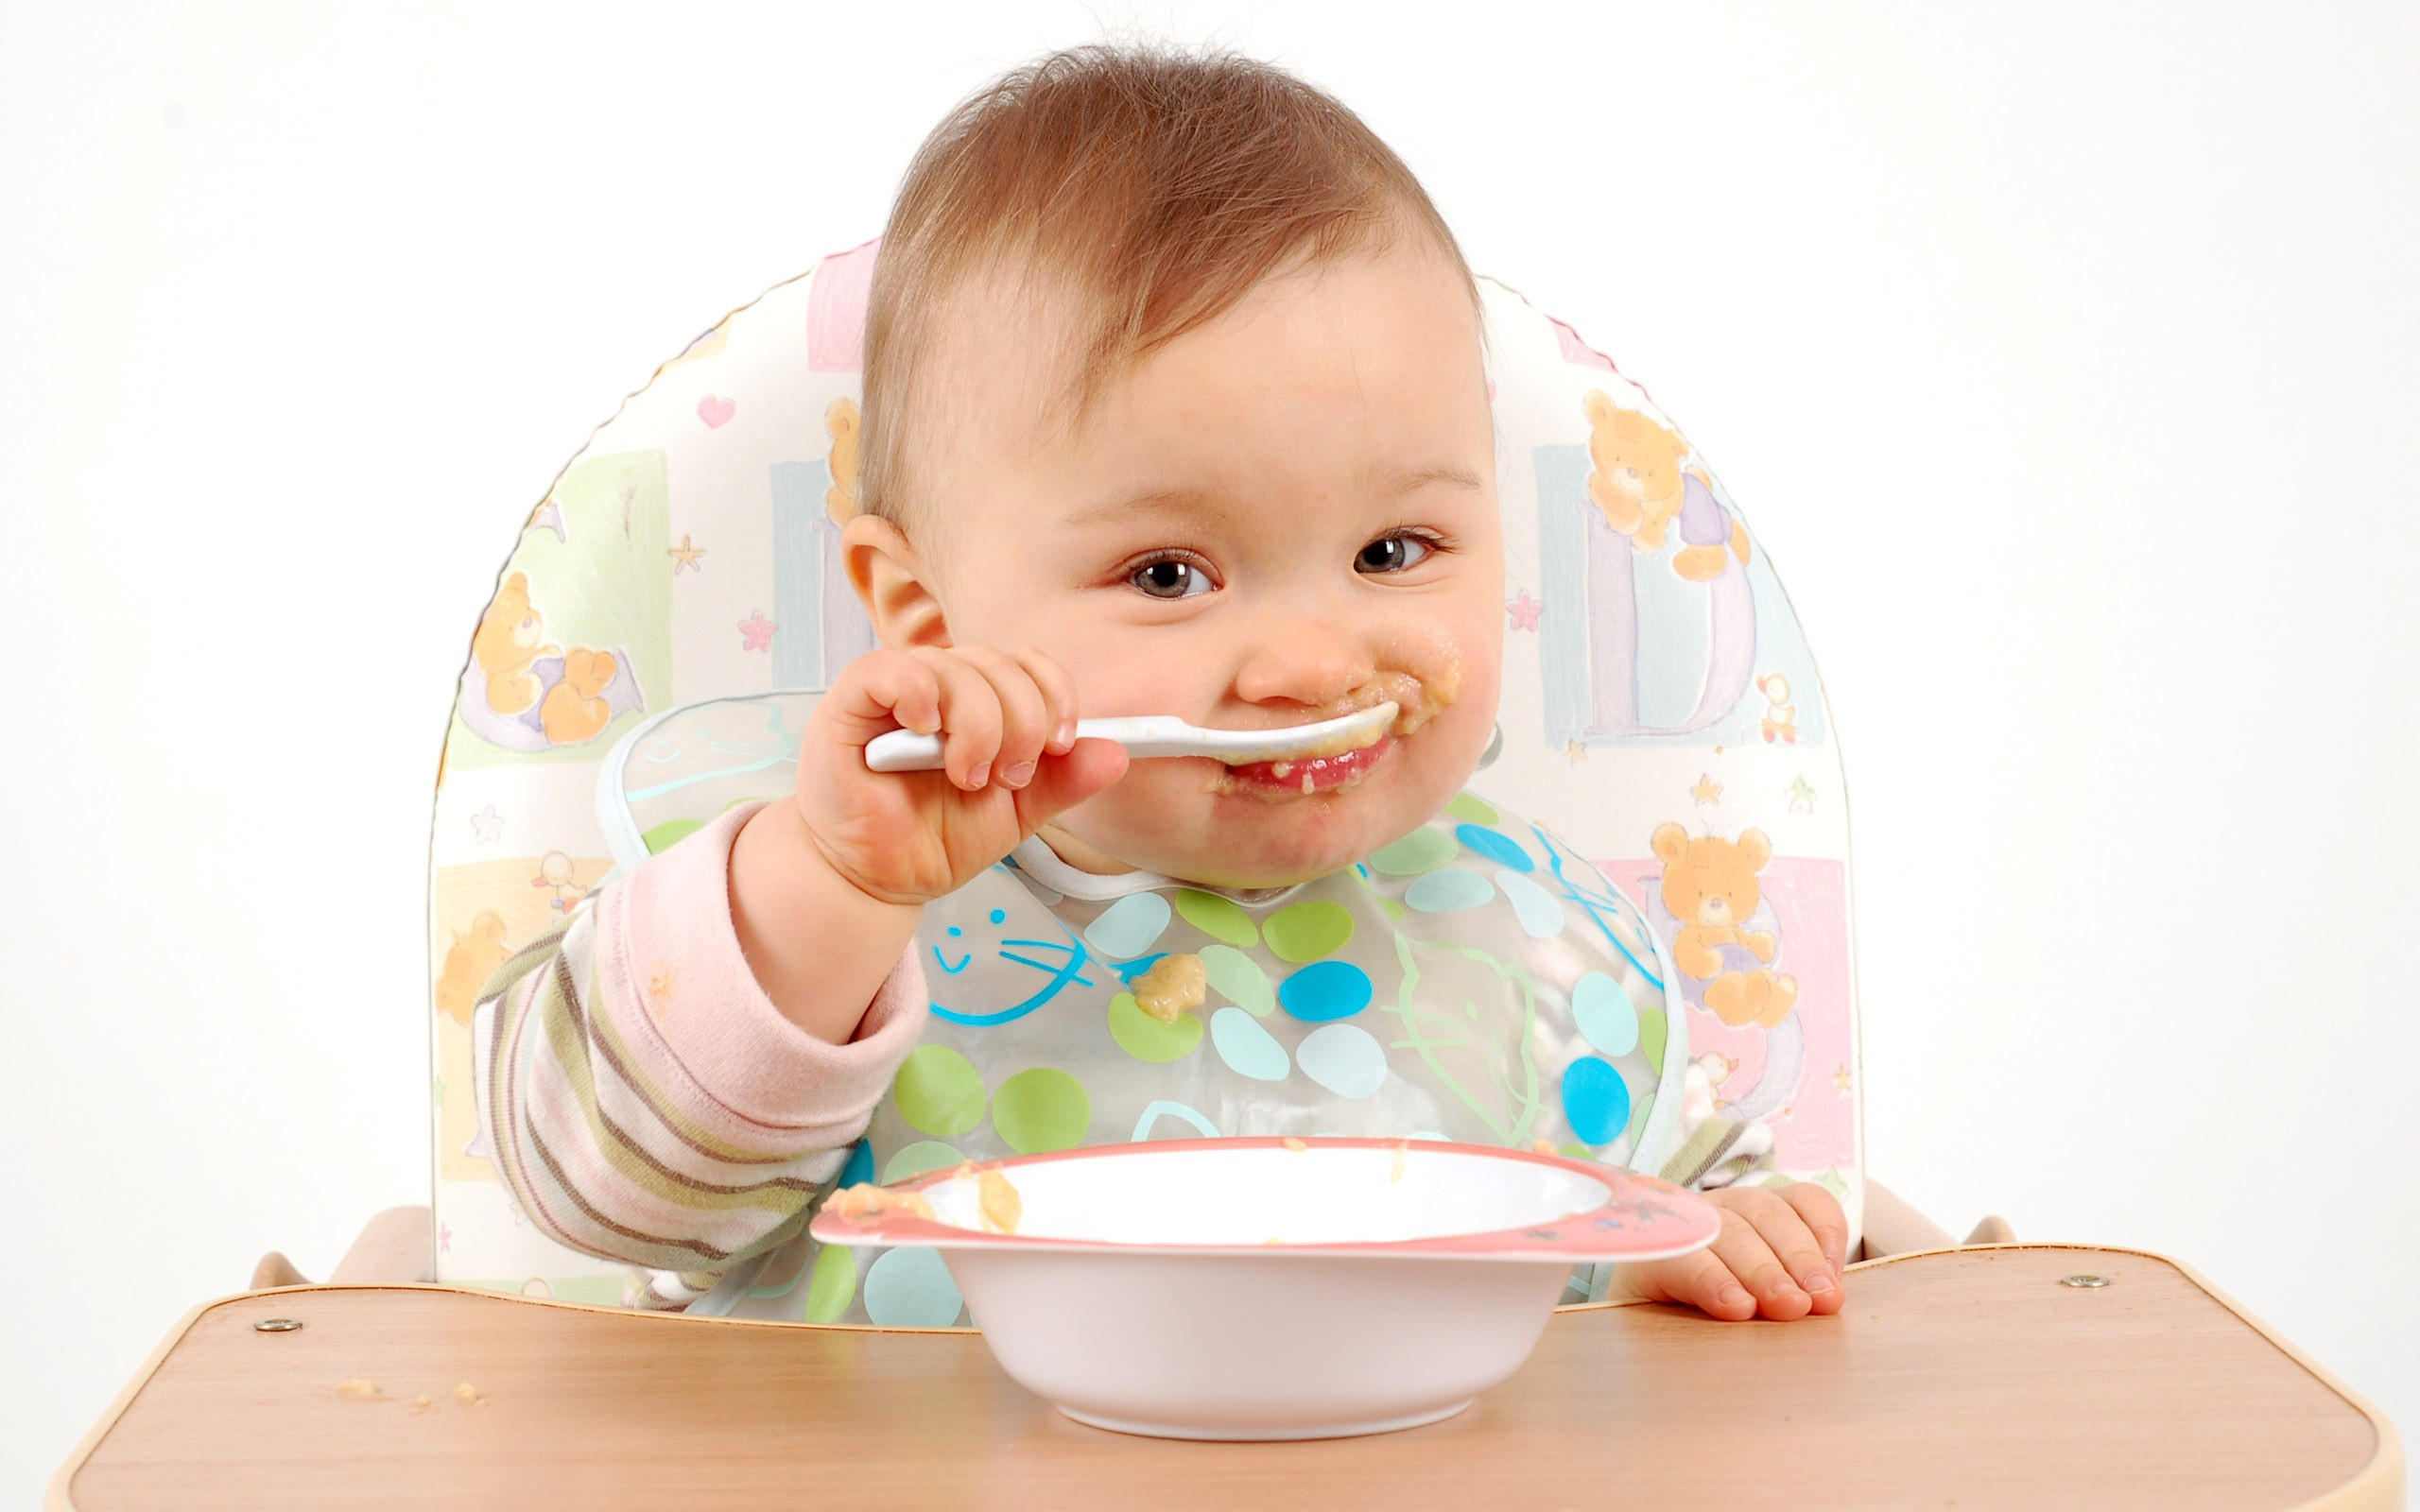 bebe-comer-alimentos-solidos